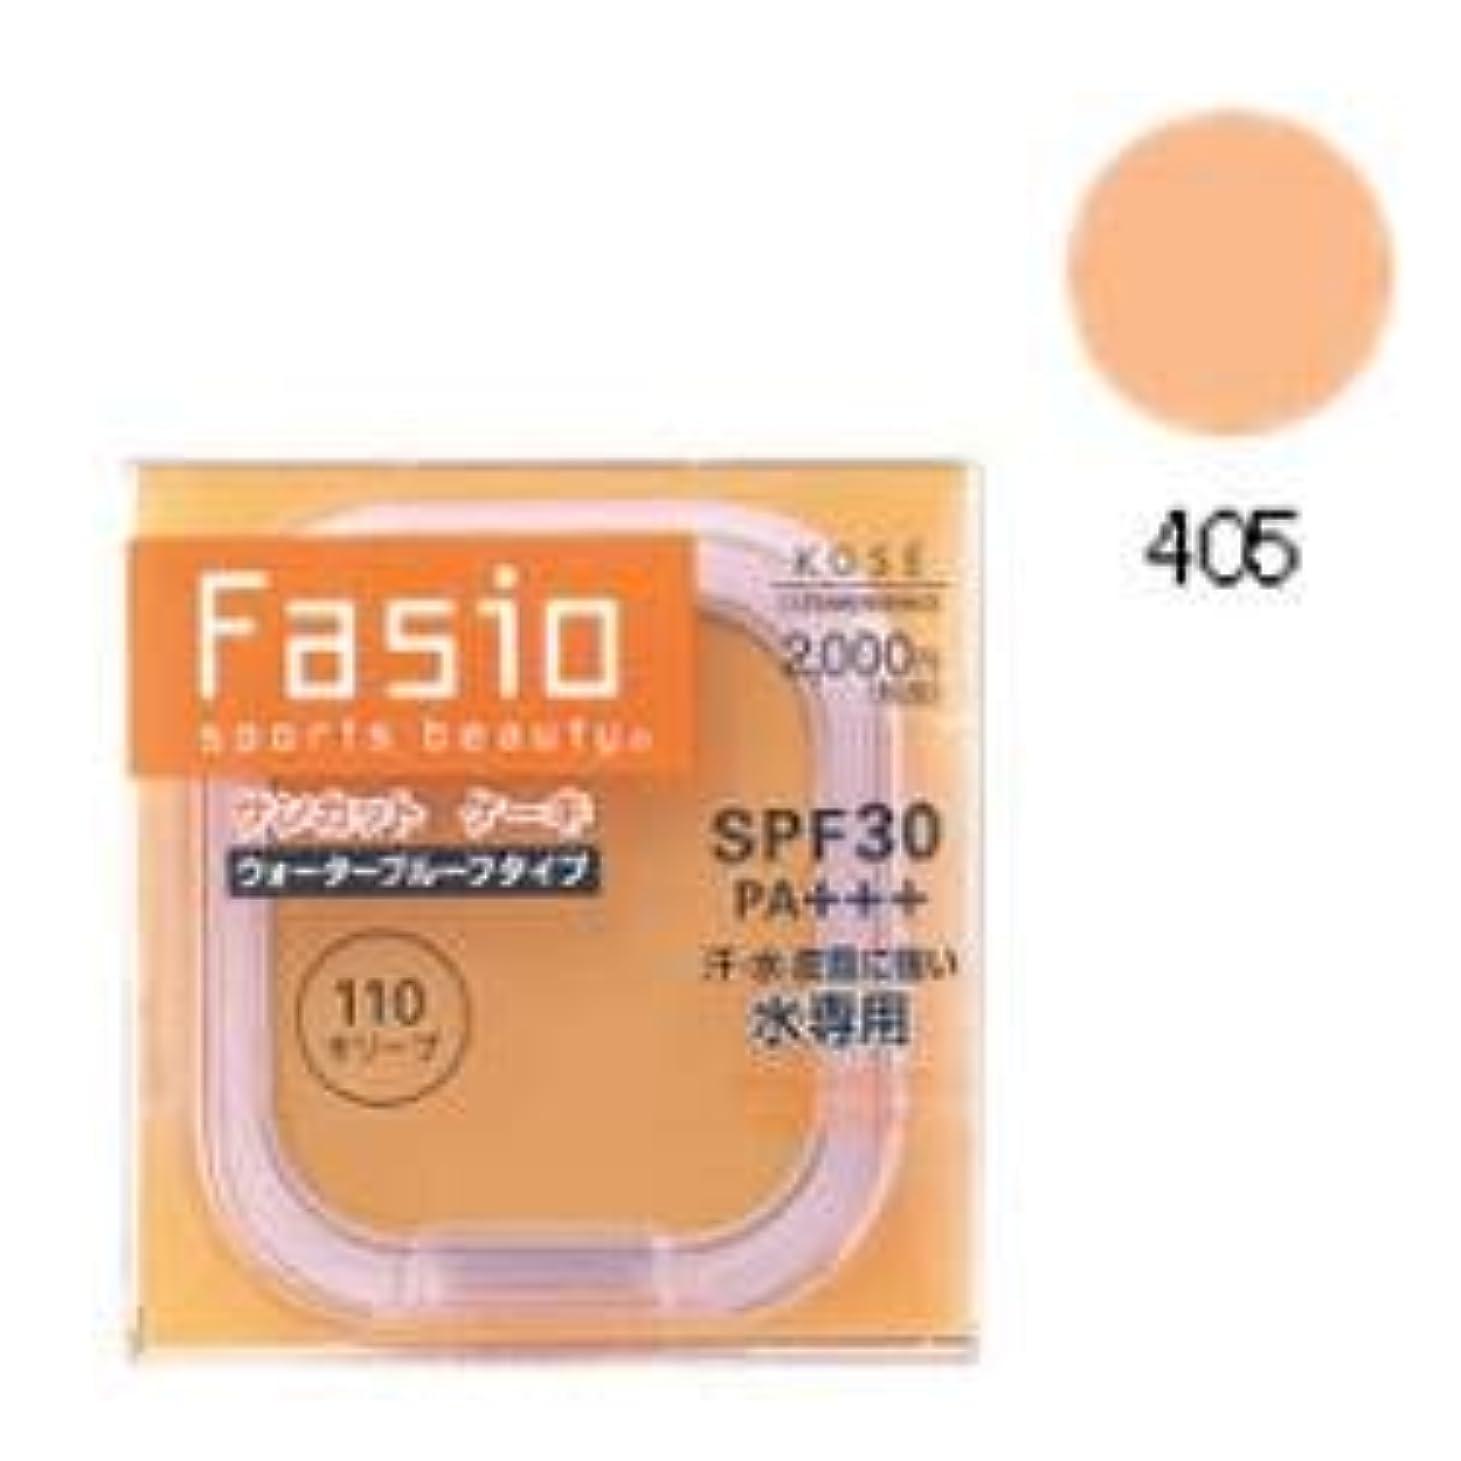 熟読刺す熱望するコーセー Fasio ファシオ サンカット ケーキ 詰め替え用 405